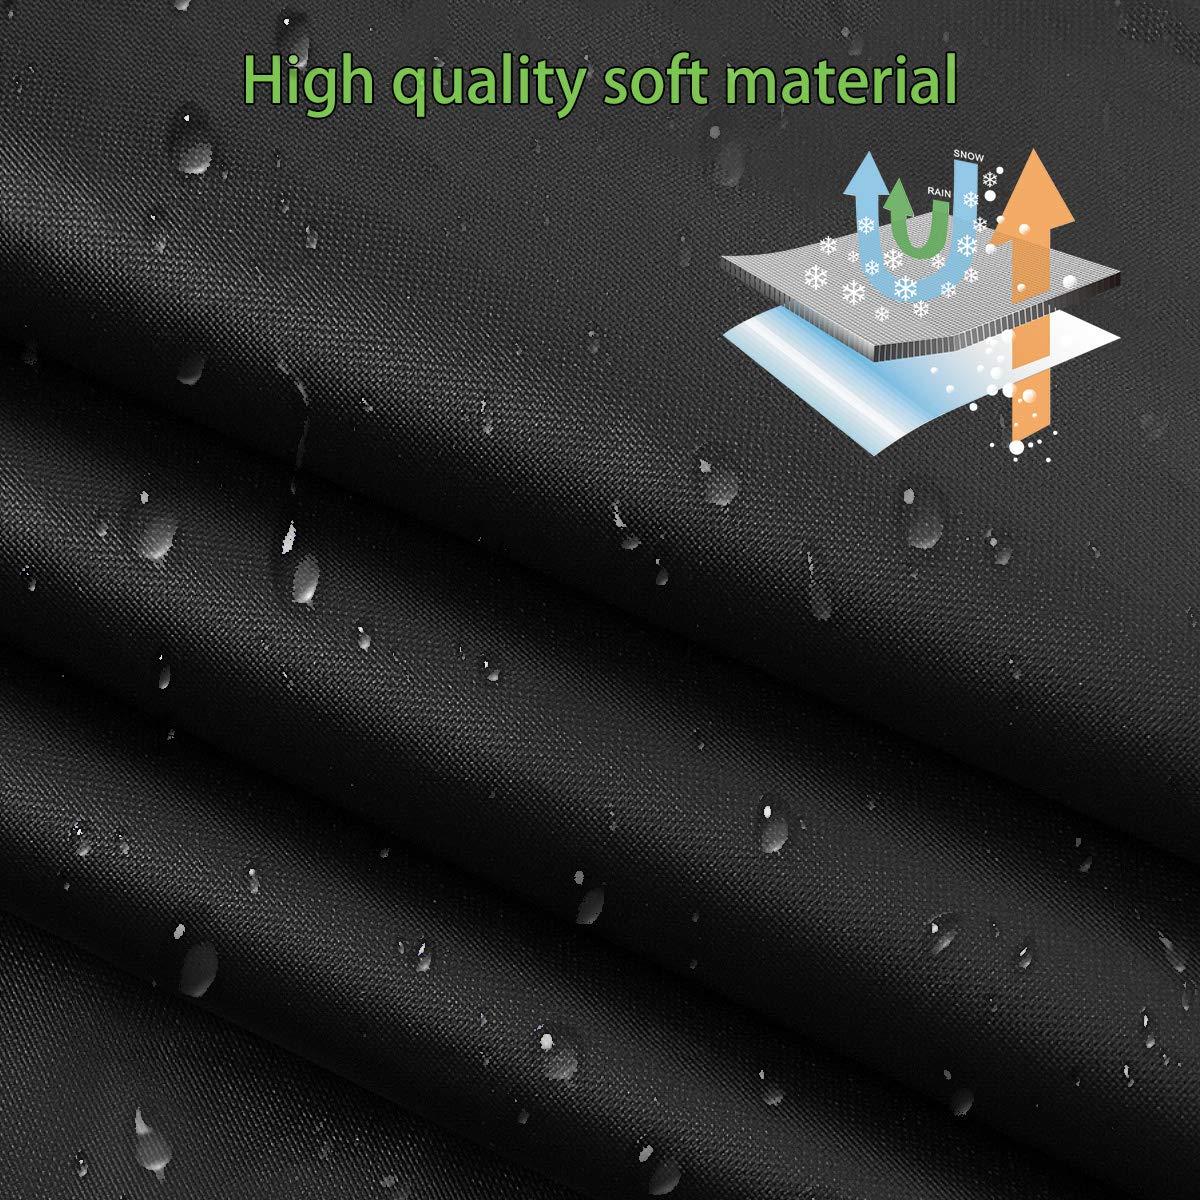 340 * 160 * 60cm MATCC B/âche Voiture Demi-Housse Couverture de Pare-Brise Bache Pare Brise avec Bande R/éfl/échissante Anti-Neige Protection UV